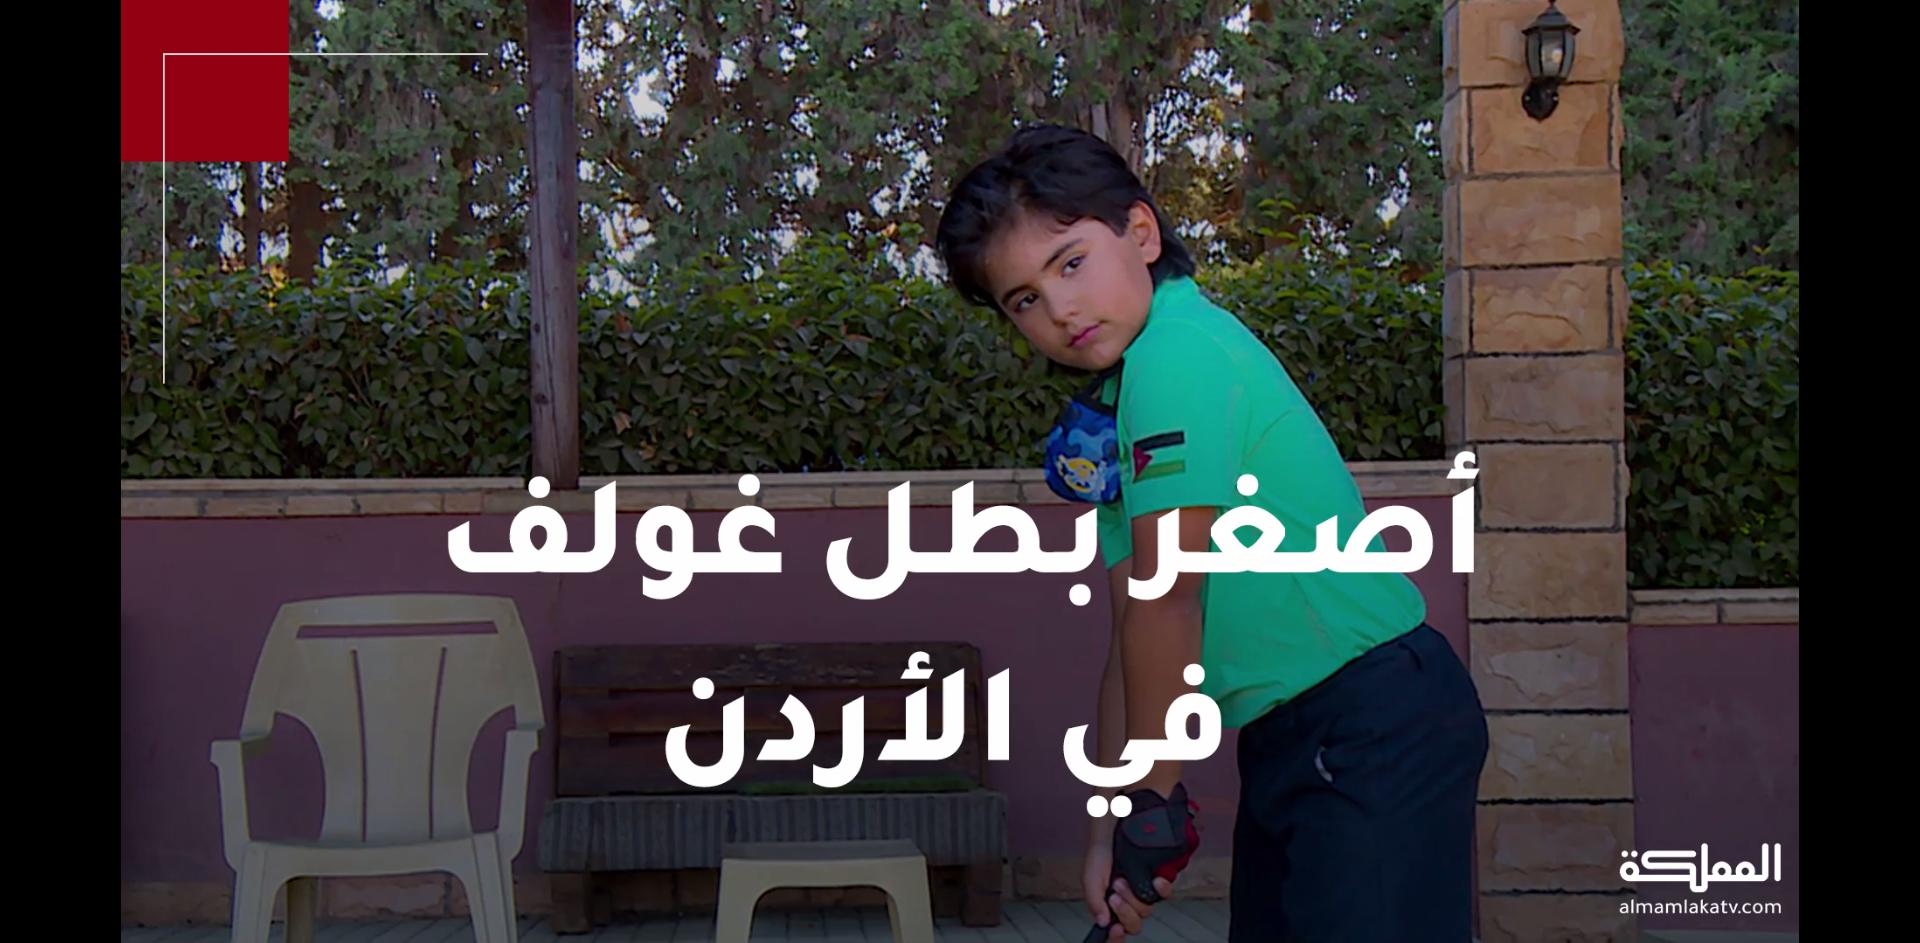 أصغر بطل غولف في الأردن